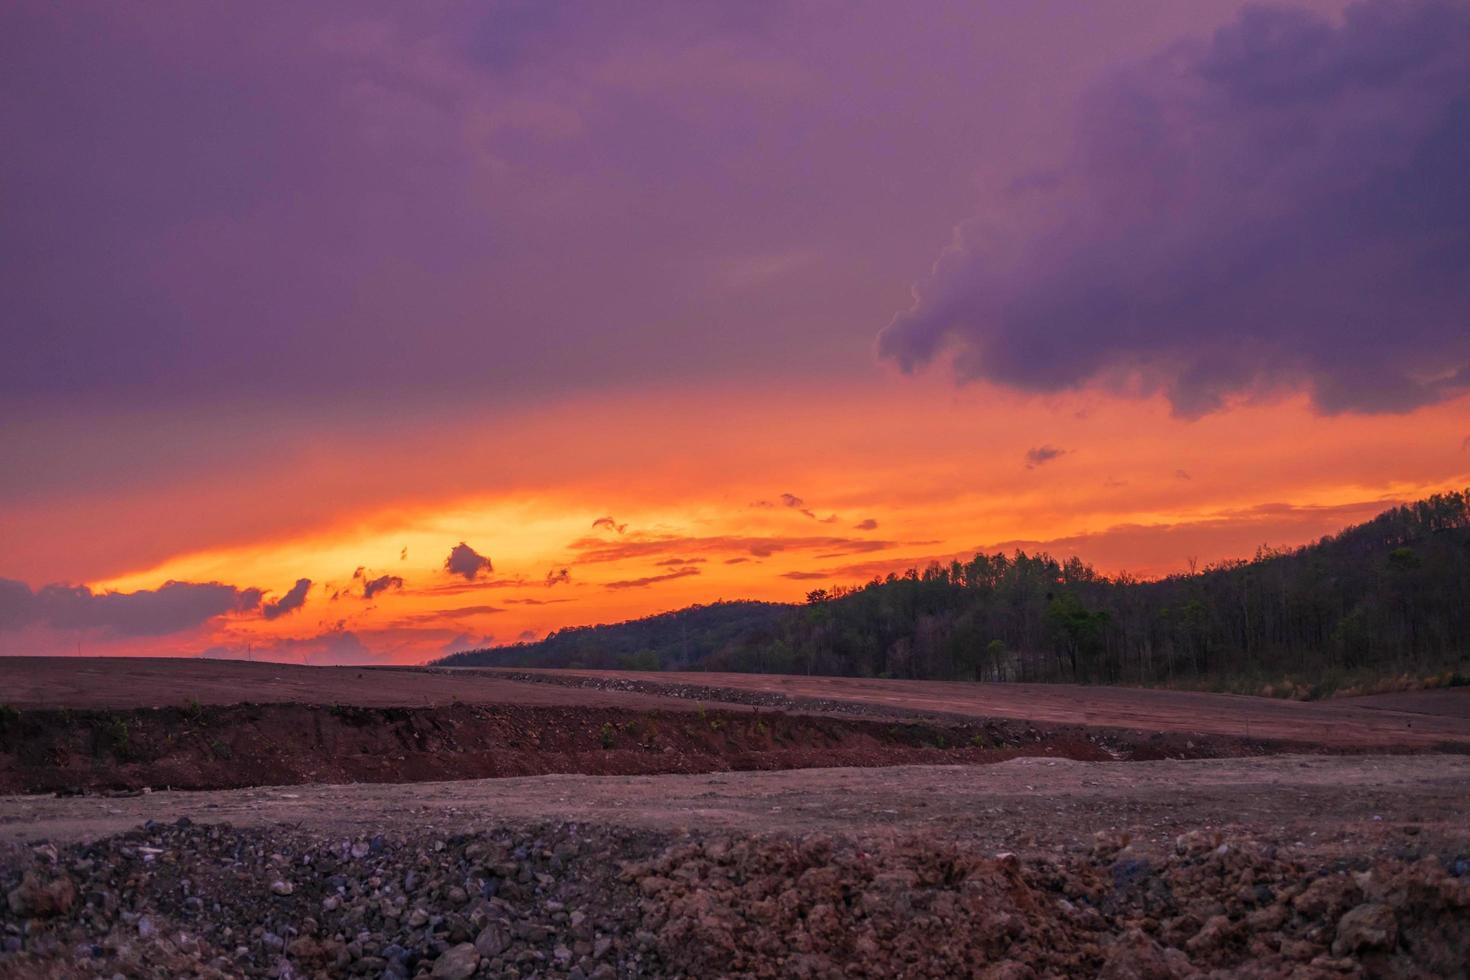 vista a la montaña y puesta de sol. foto